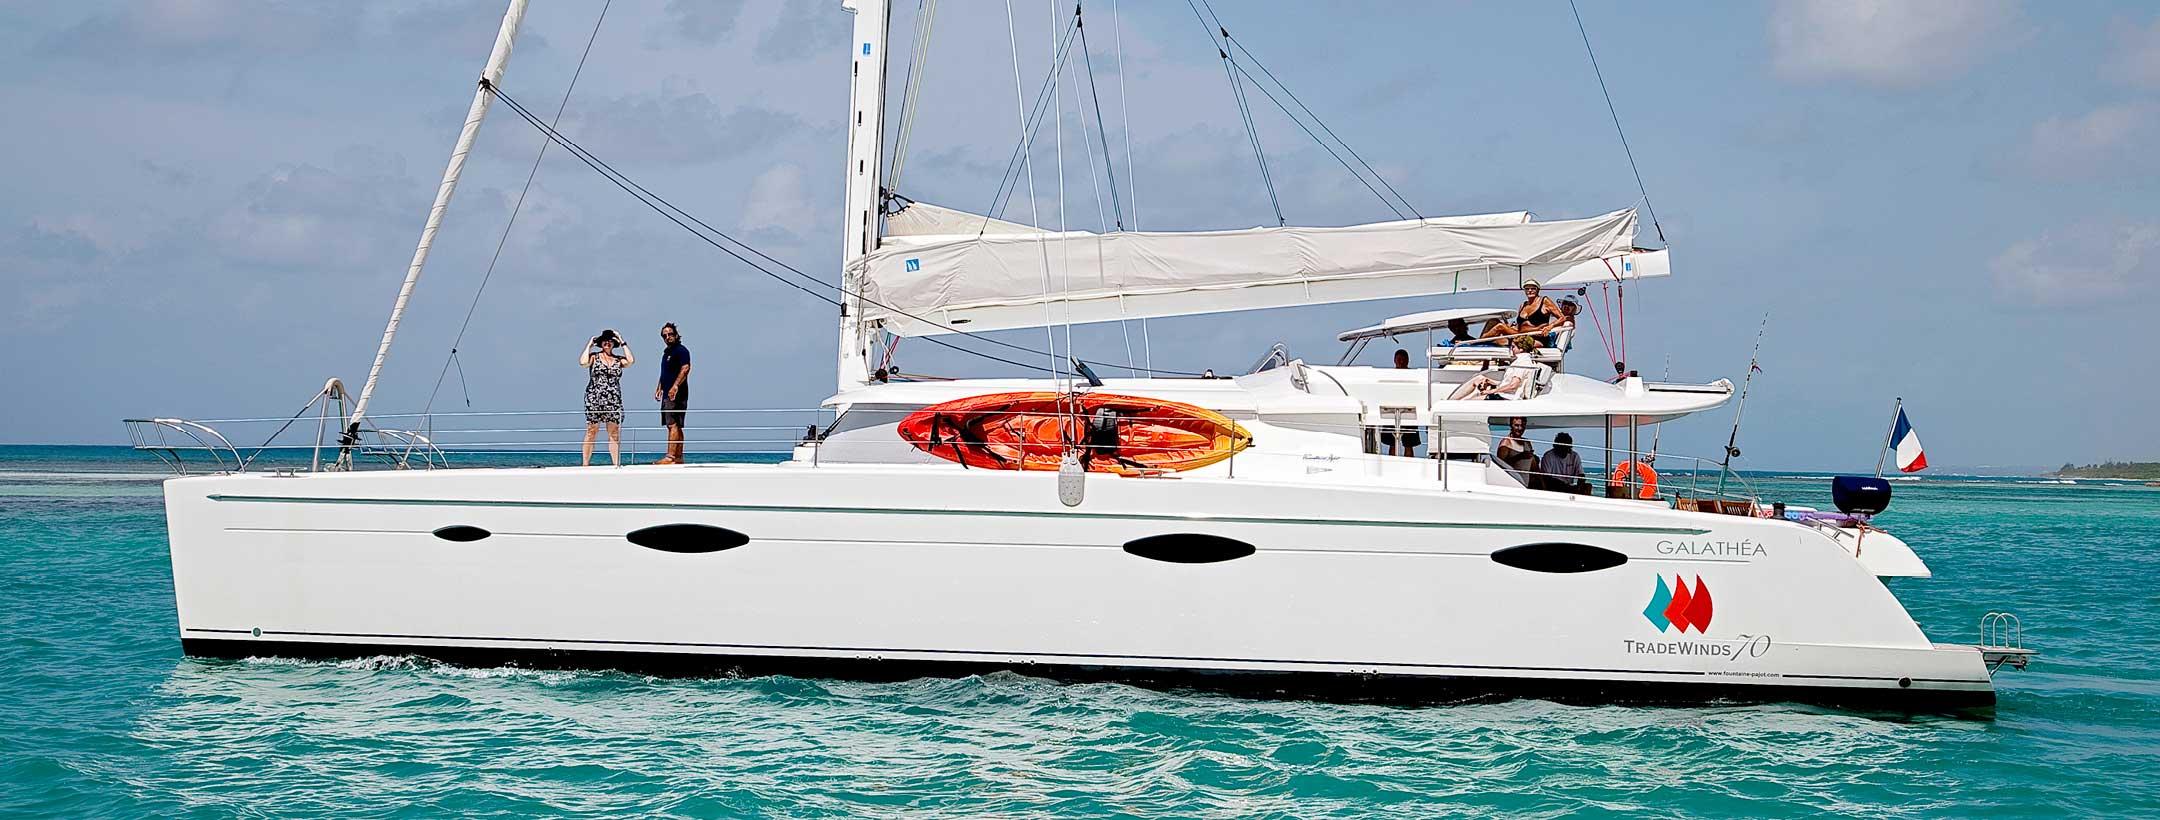 TradeWinds 70 NEW BEGINNINGS flagship class yacht